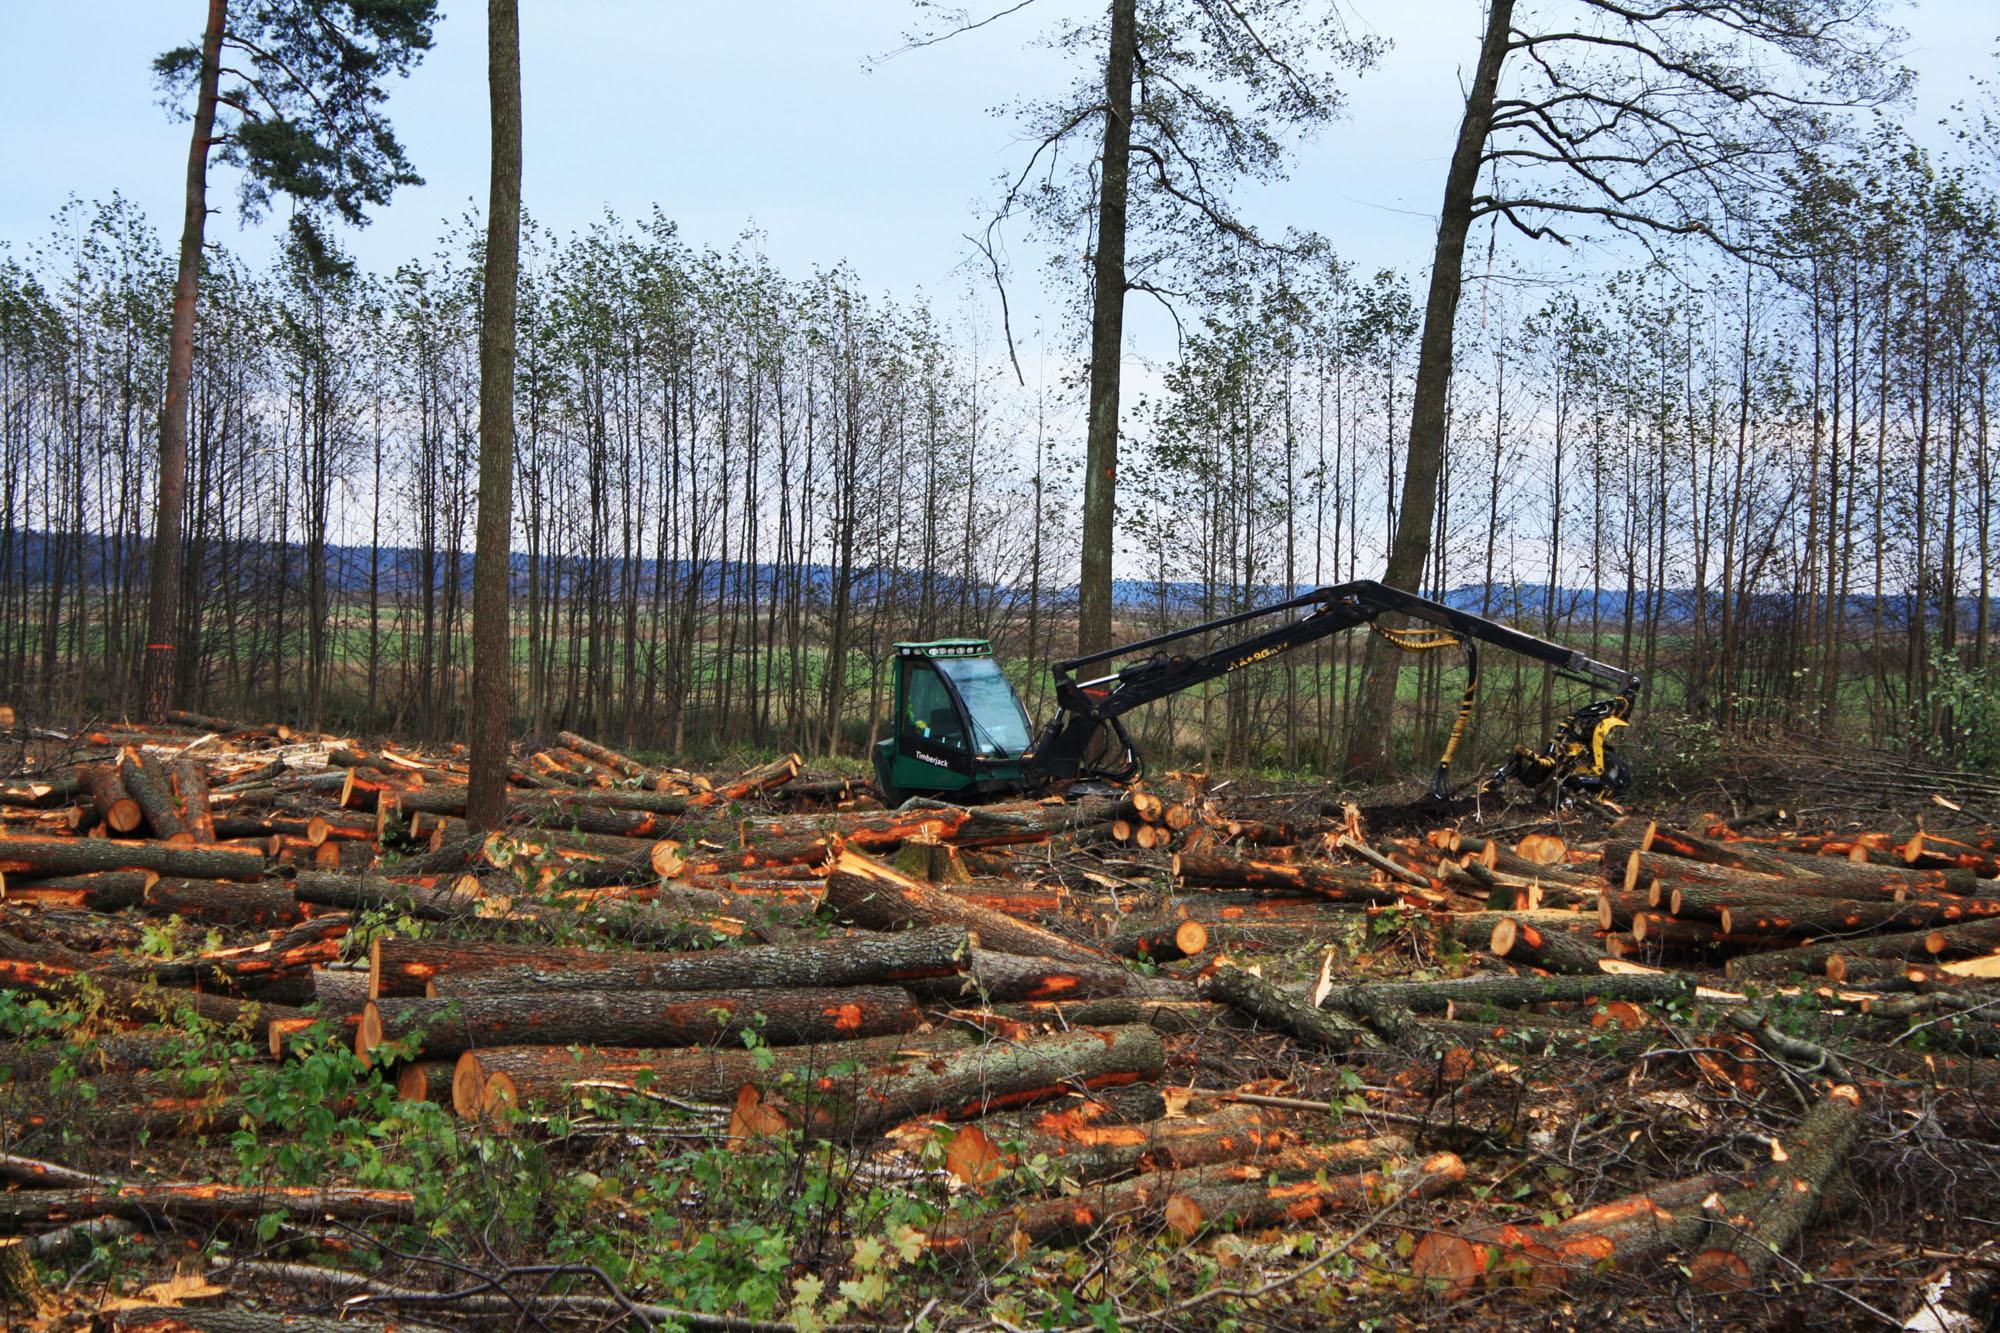 Выделение леса на строительство дома в нижегородской области примеру, никак